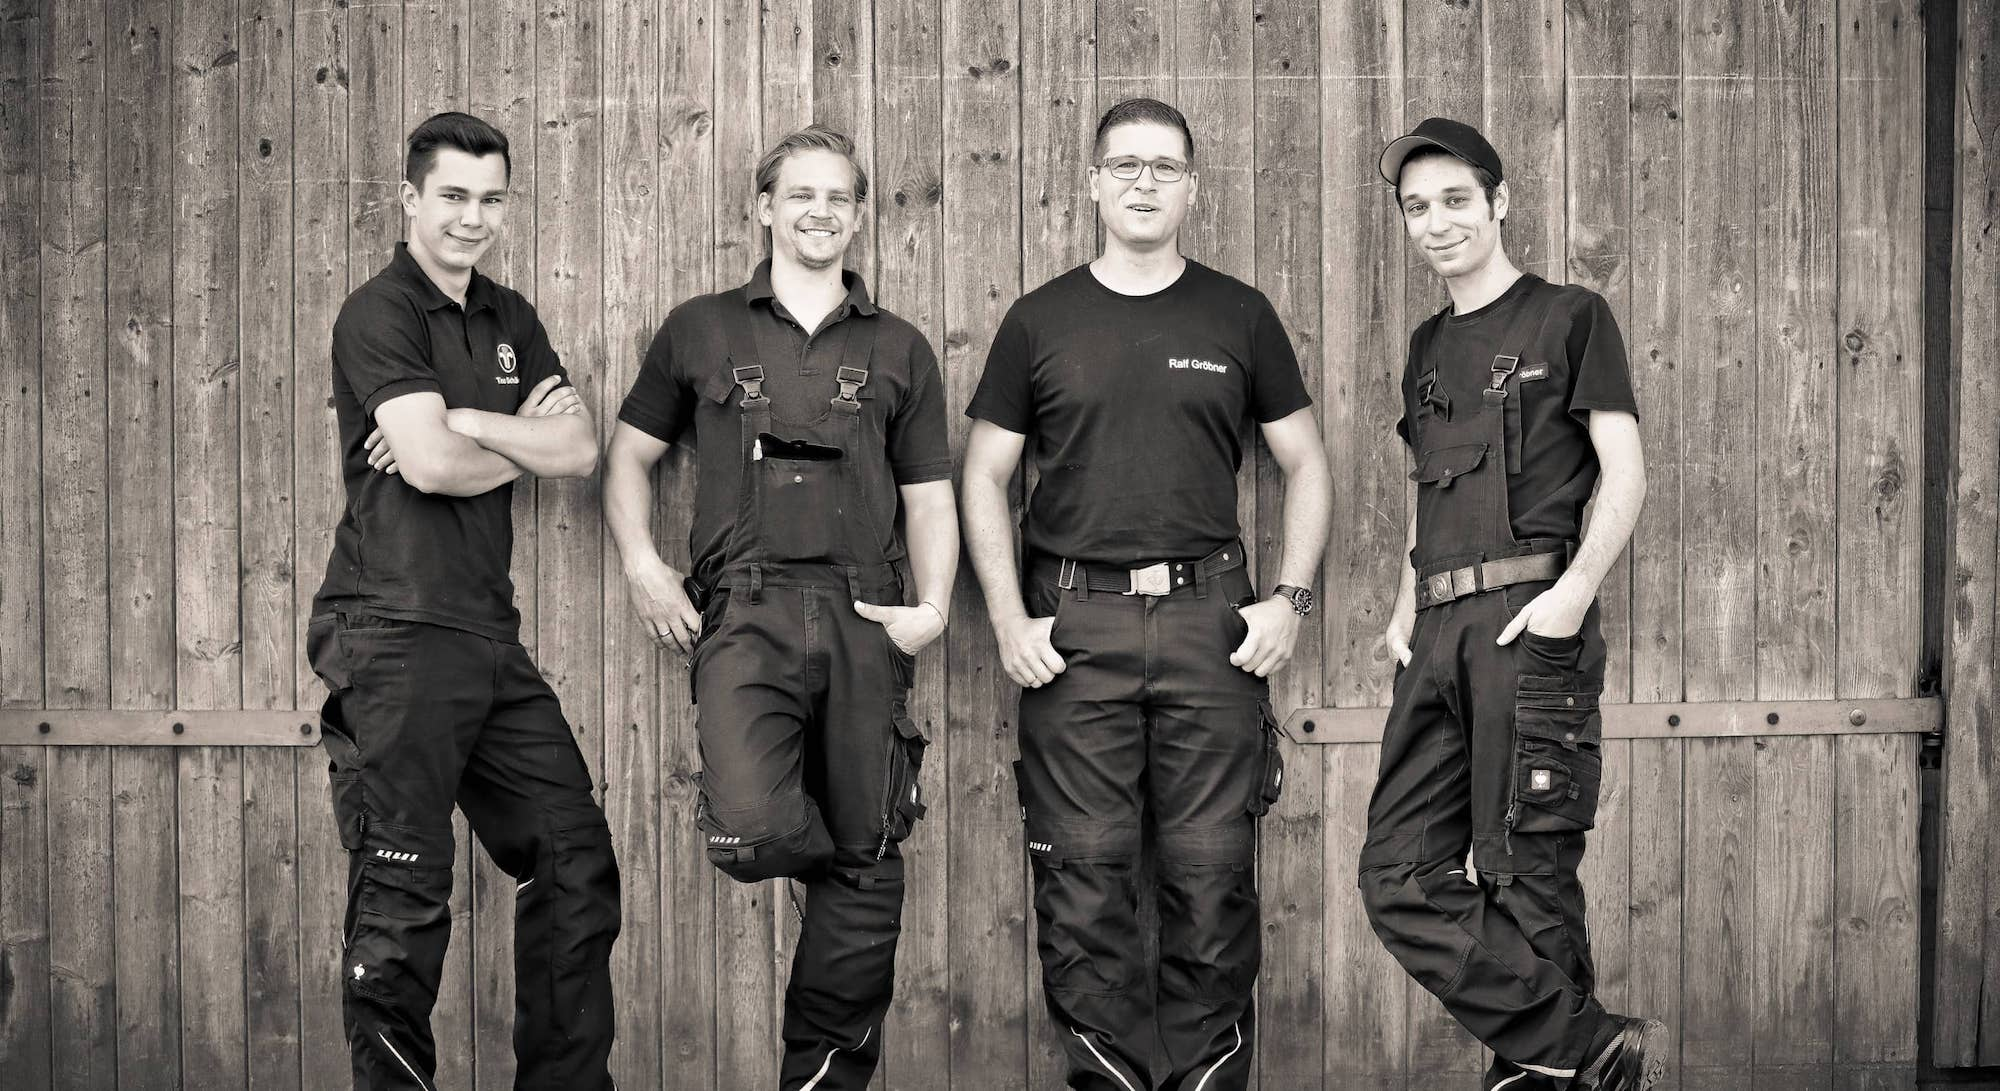 Timo Schädlich, Viktor Rauh, Ralf Gröbner und Jan Gröbner vom Schornsteinfegerbetrieb Ralf Gröbner